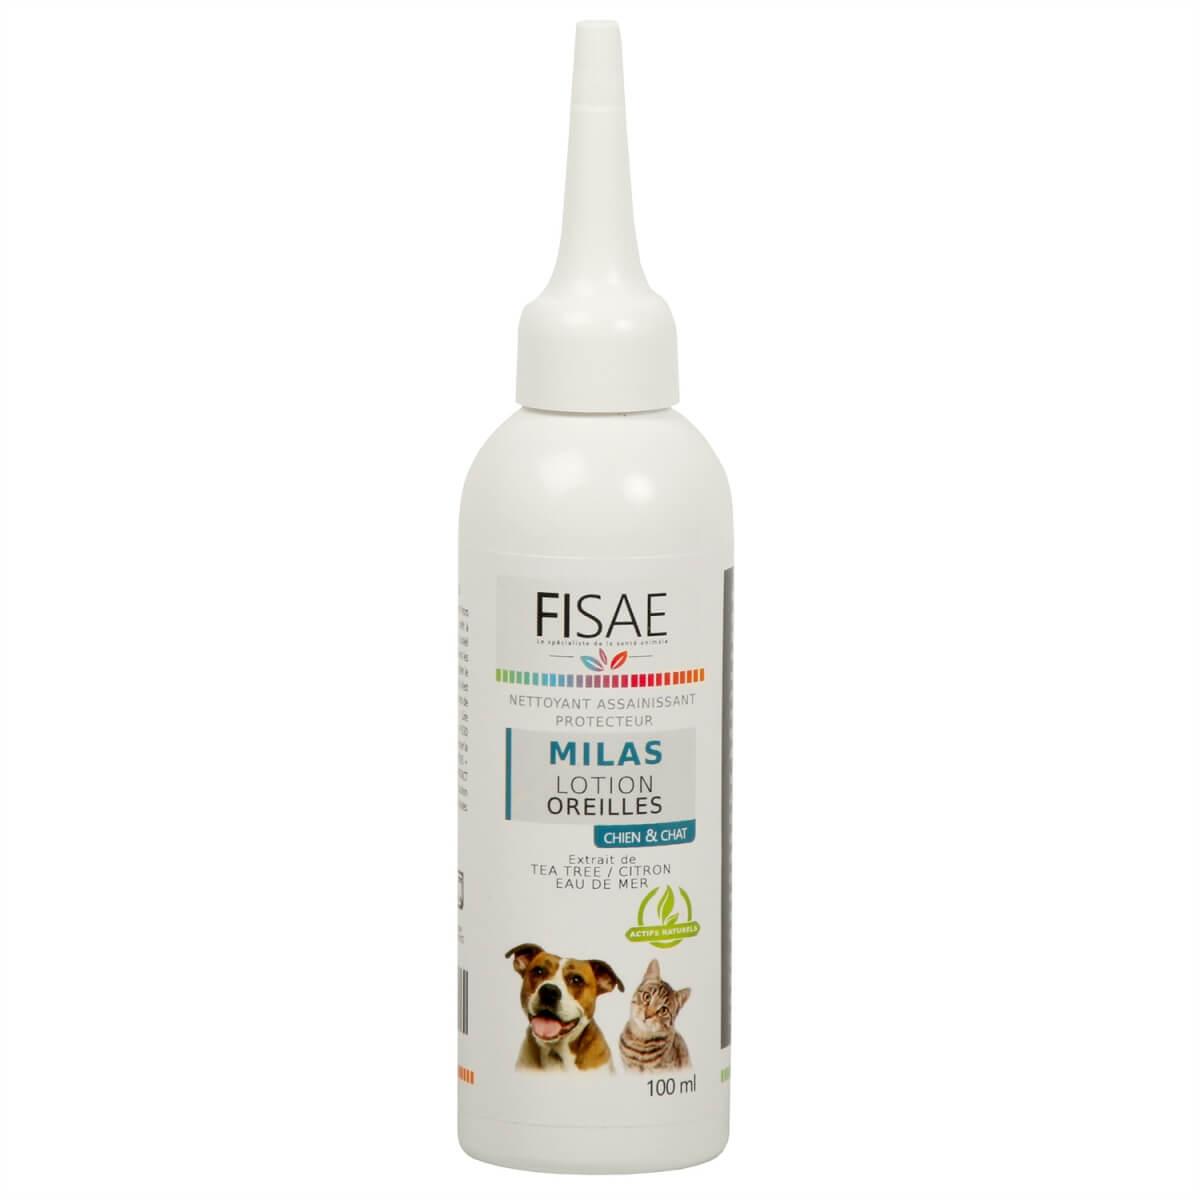 Ohrenlotion FISAE MILAS für Hunde und Katzen_0